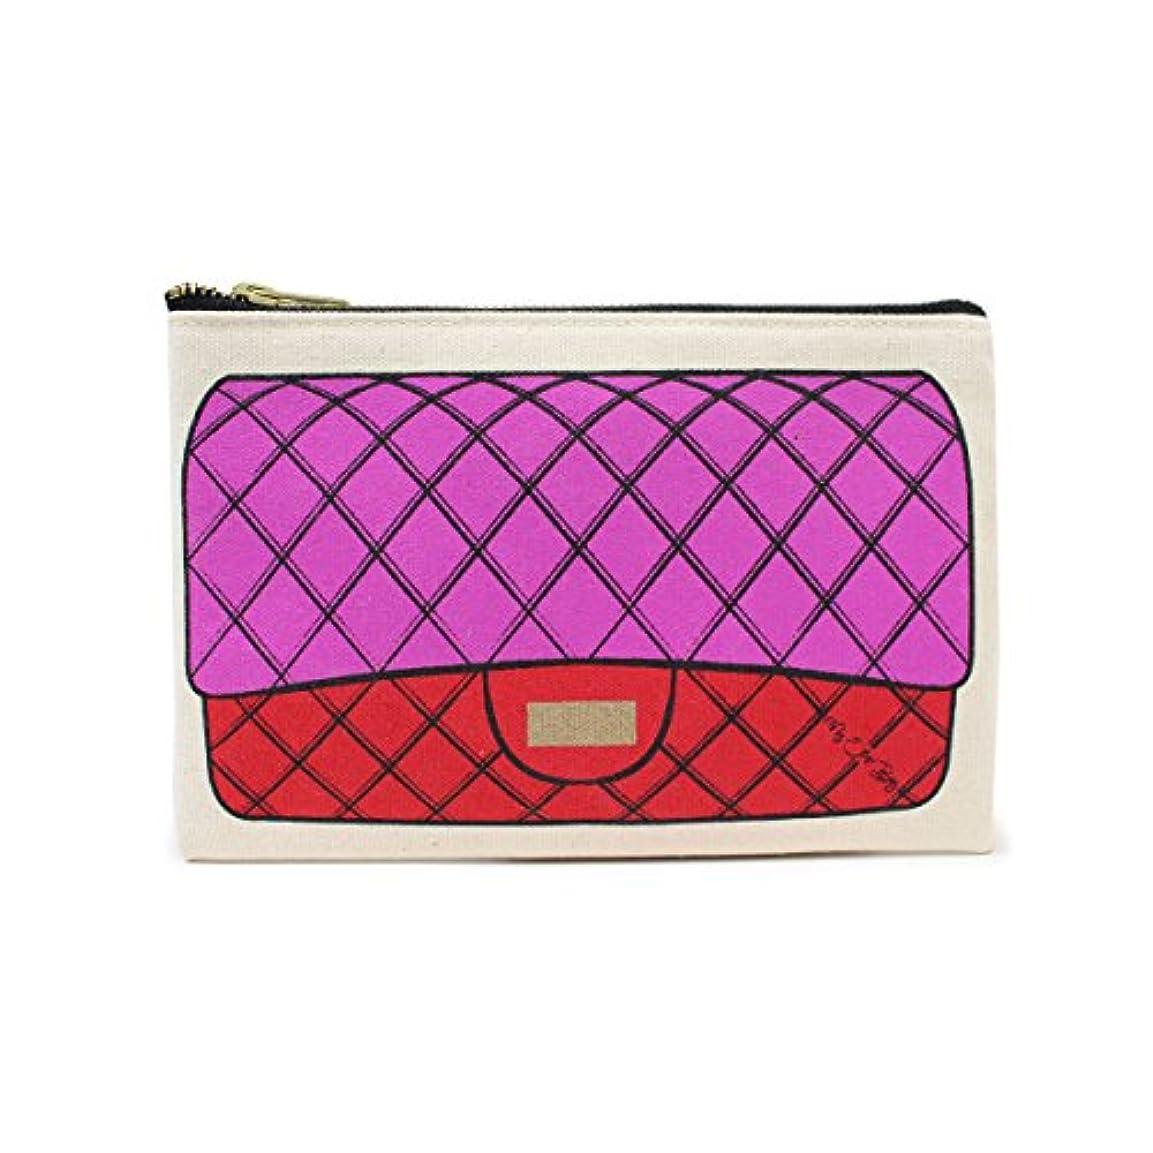 サイクル序文利得(マイアザーバッグ)My Other Bag ポーチ バッグ B04-12 FUSCHIA/RED (並行輸入品)